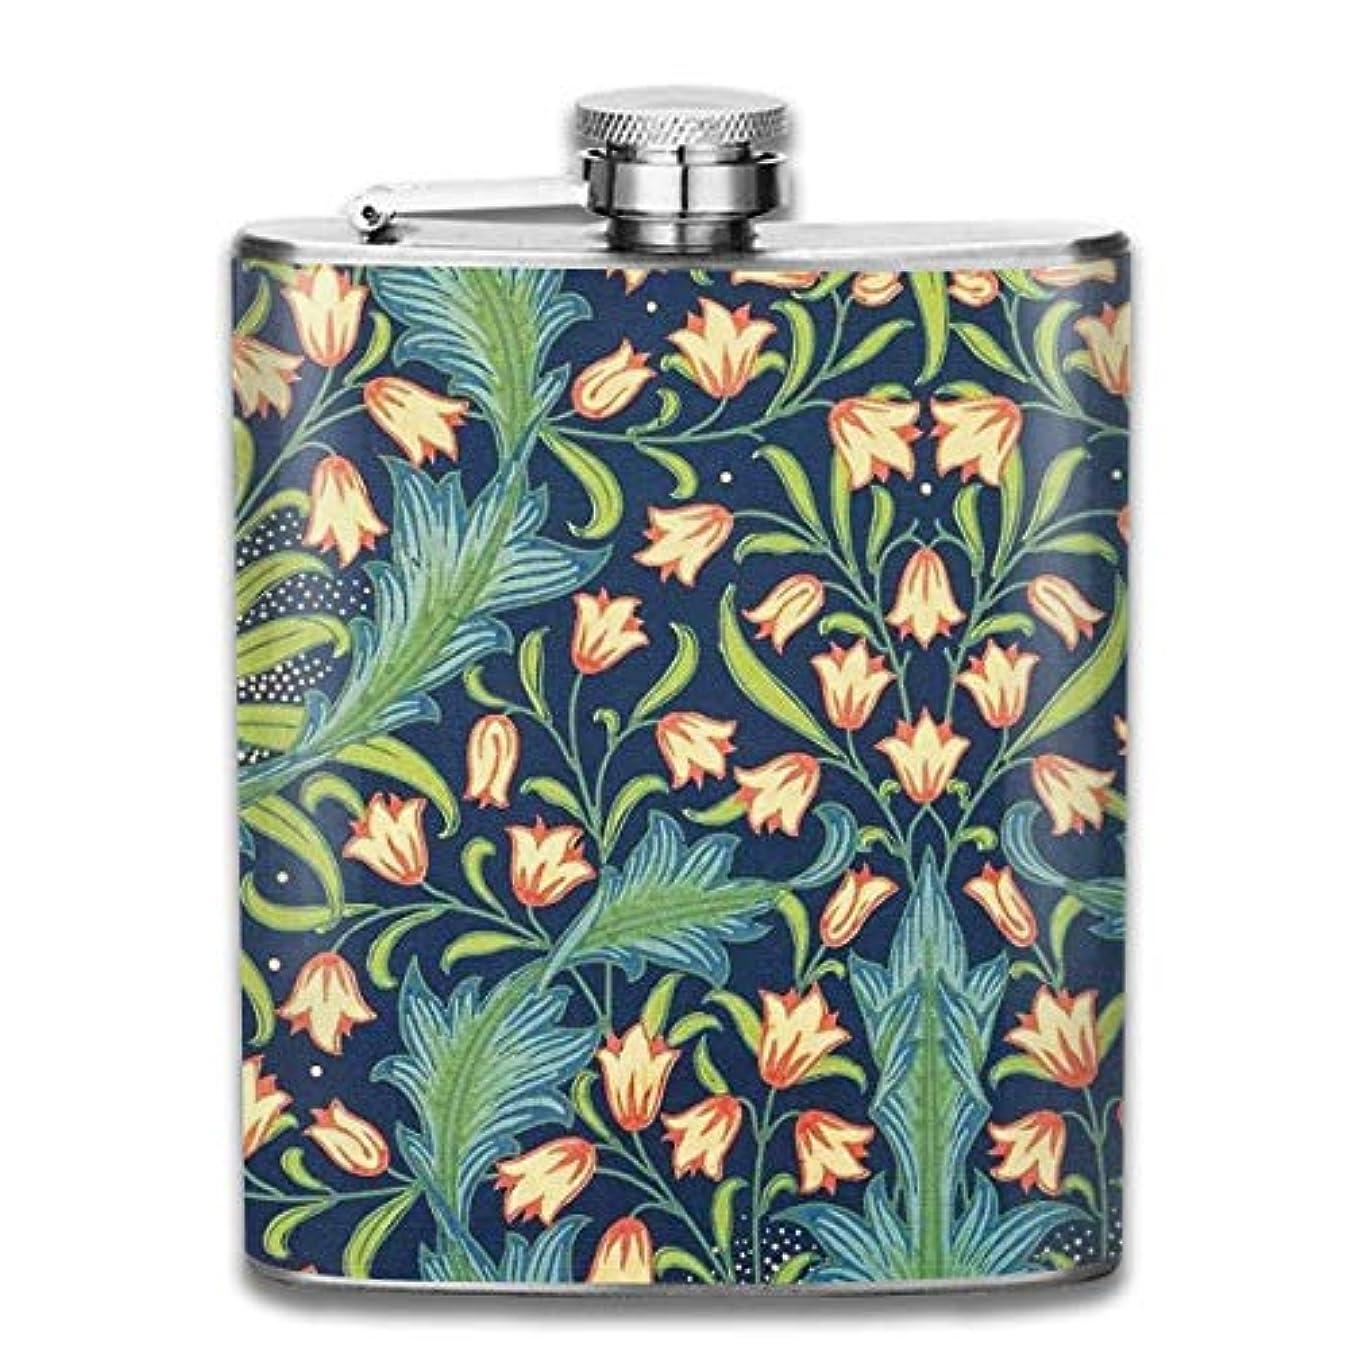 危険を冒します成功考古学春の花フラスコ スキットル ヒップフラスコ 7オンス 206ml 高品質ステンレス製 ウイスキー アルコール 清酒 携帯 ボトル